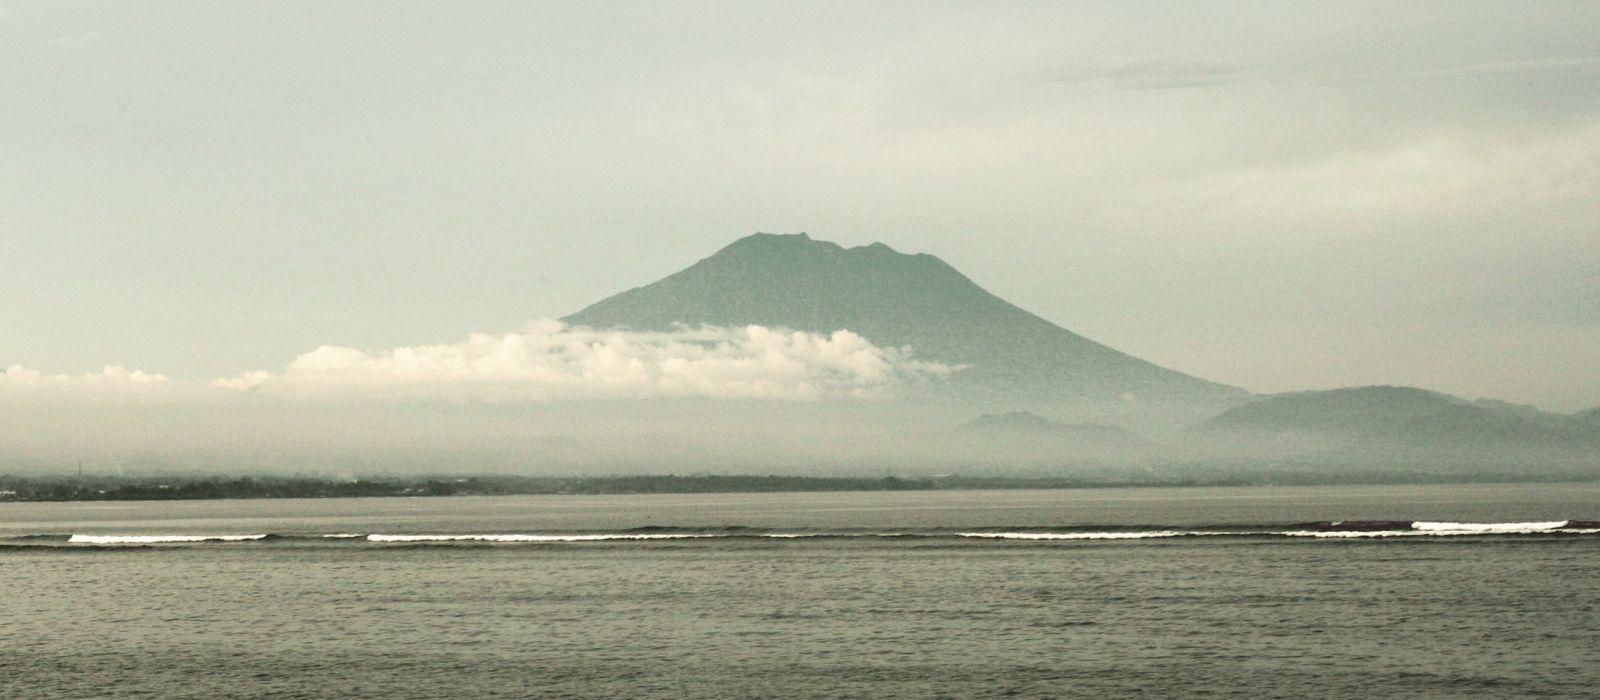 Indonesia: Von Insel zu Insel und Bali Urlaub 8